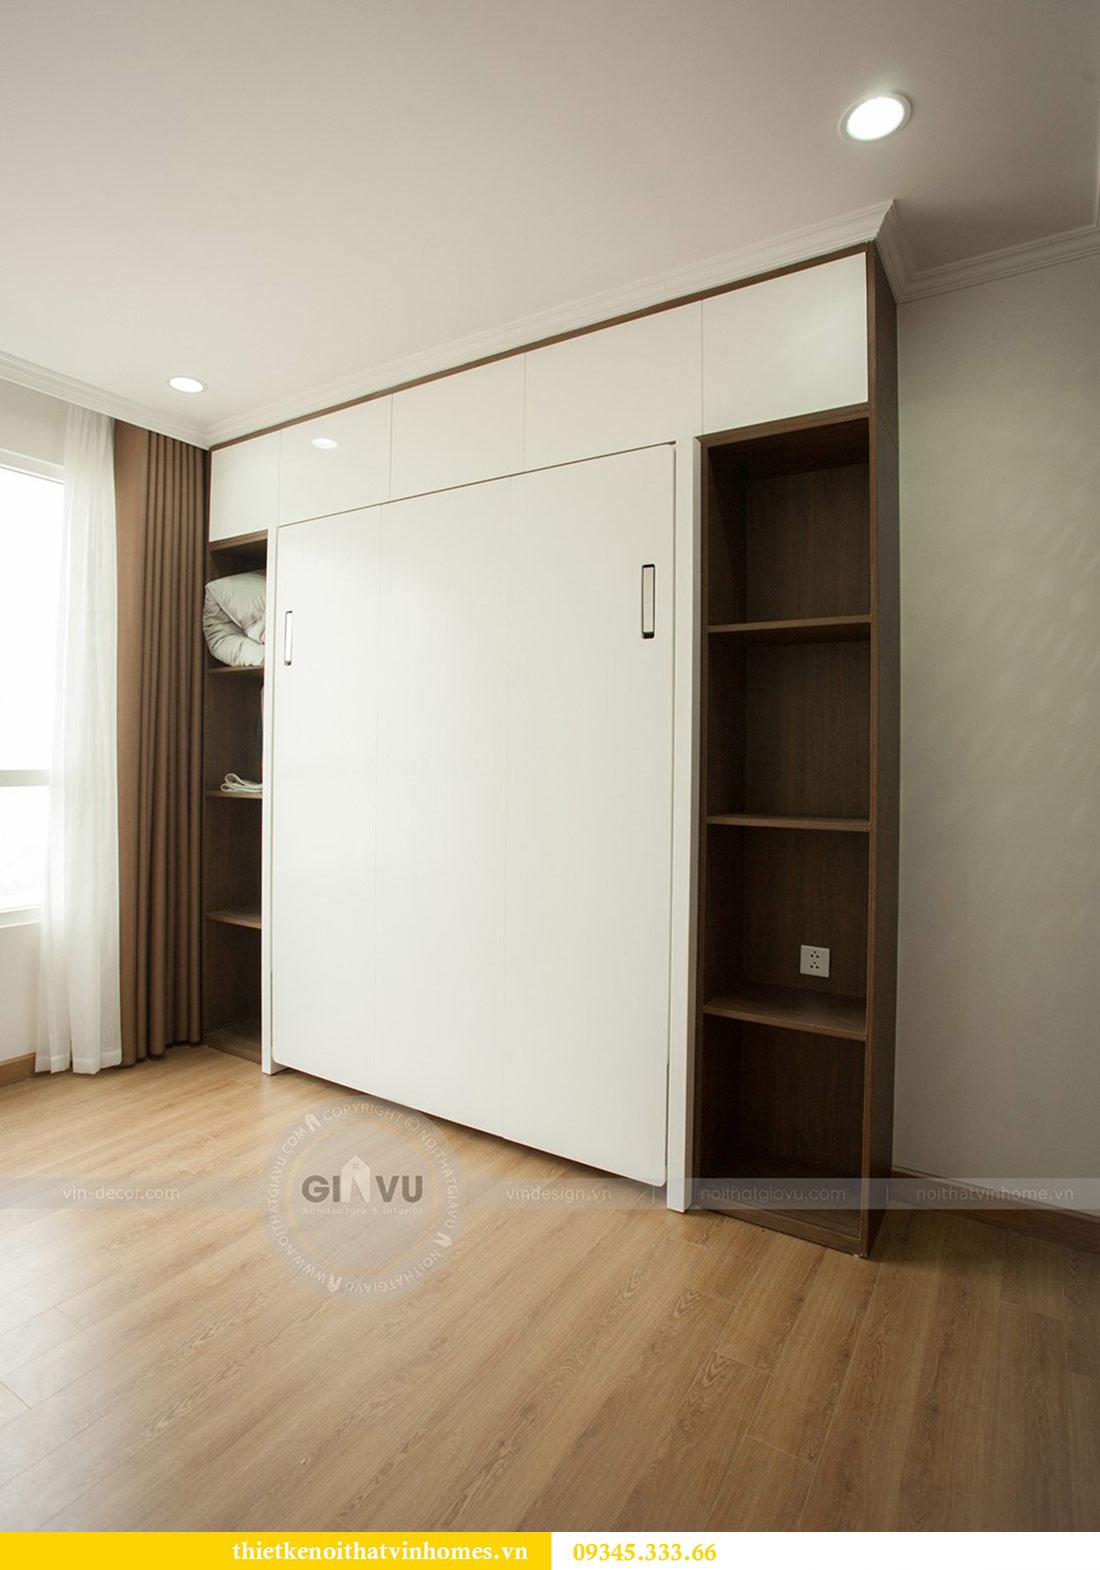 Thi công nội thất chung cư Vinhomes Sky Lake căn 3 phòng ngủ 11